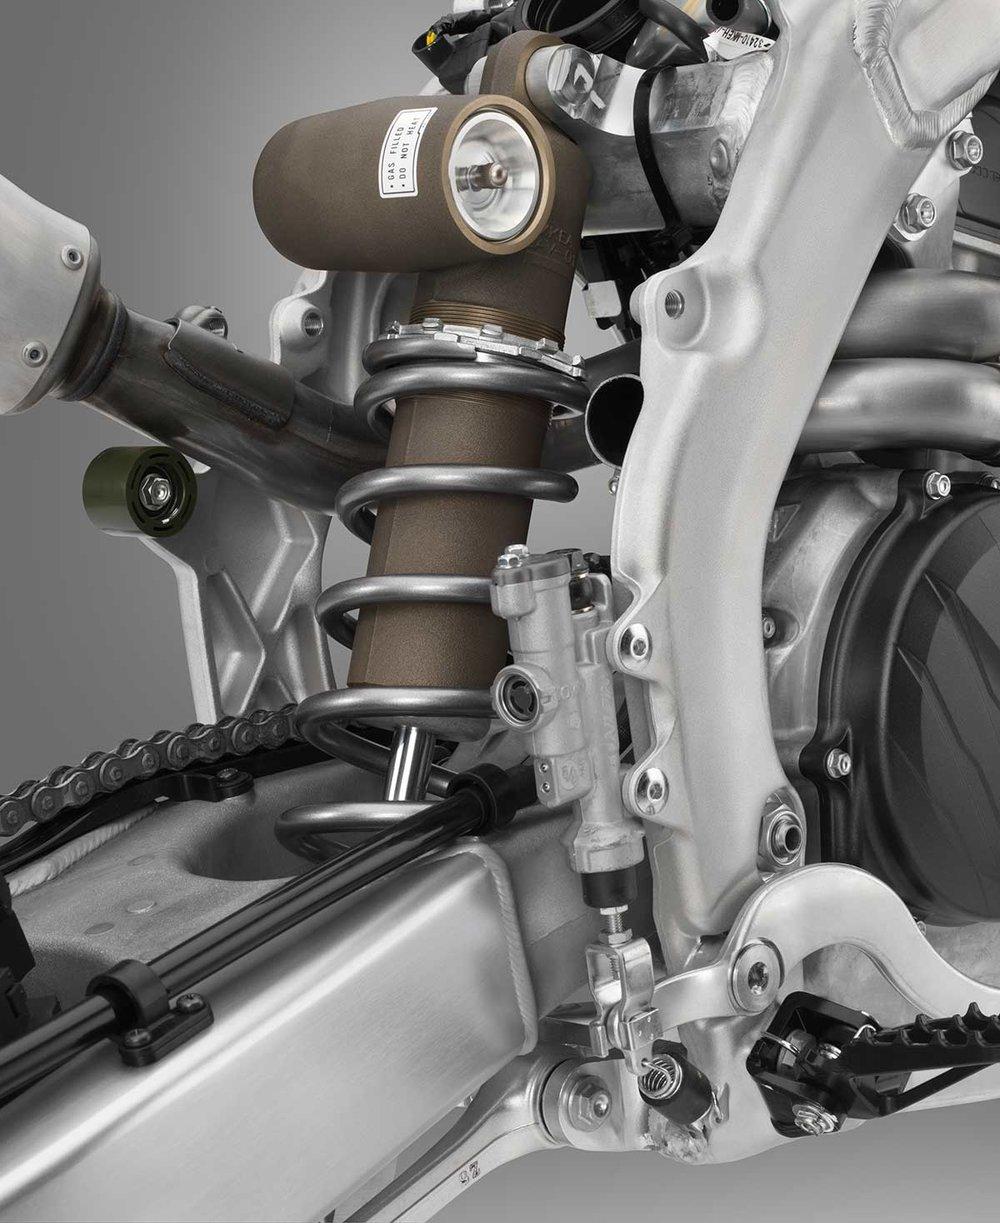 19-Honda-CRF450R_shock.jpg